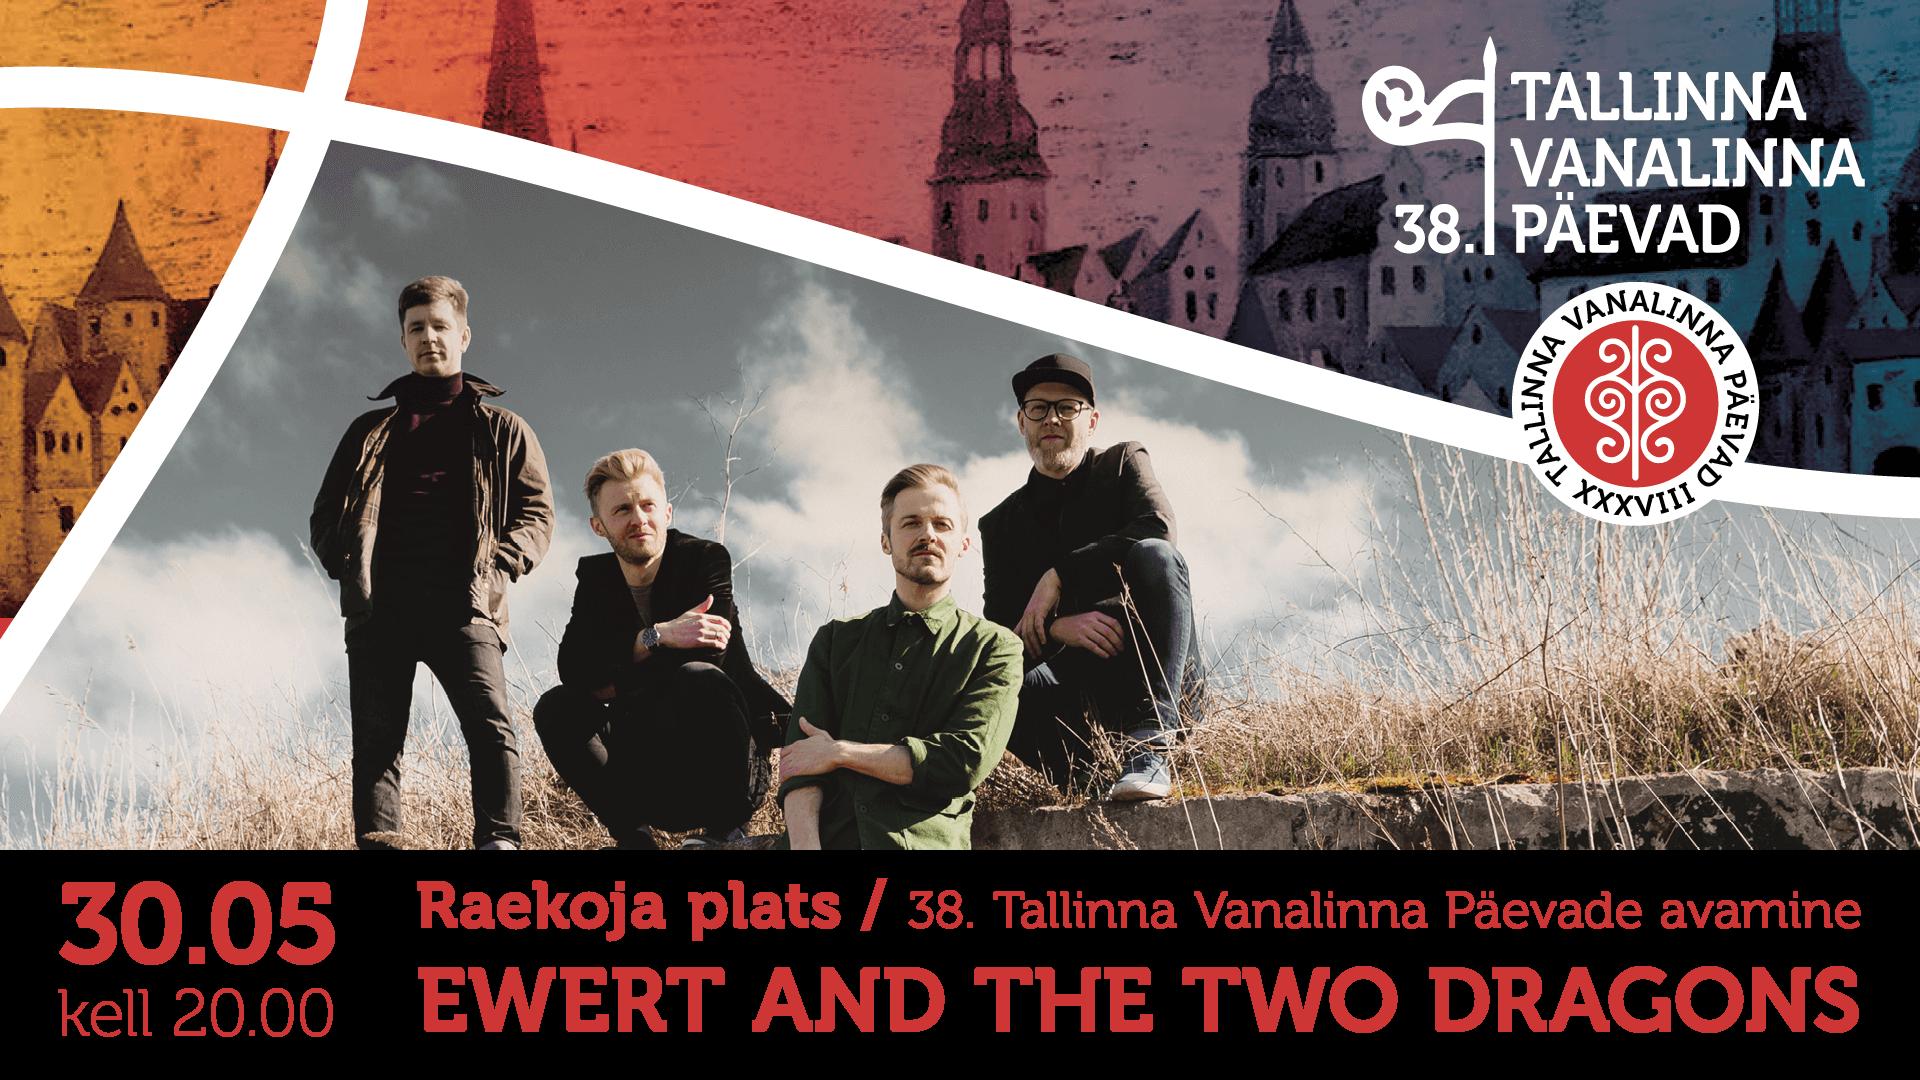 30.05.19, kell 20:00 - Ewert and The Two Dragons, Raekoja plats.